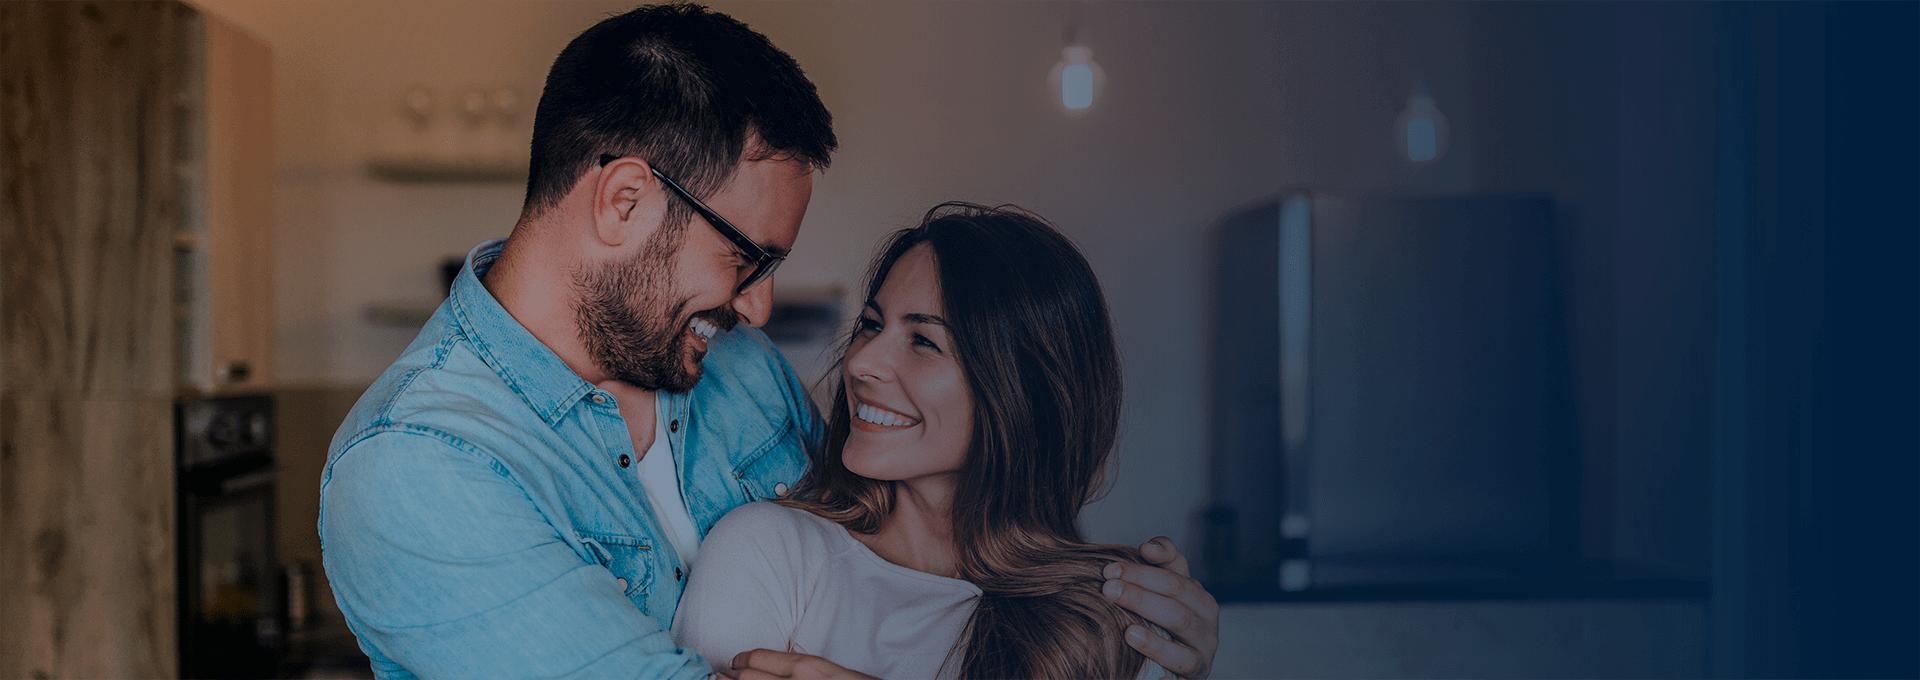 Conexão com os prazeres da vida